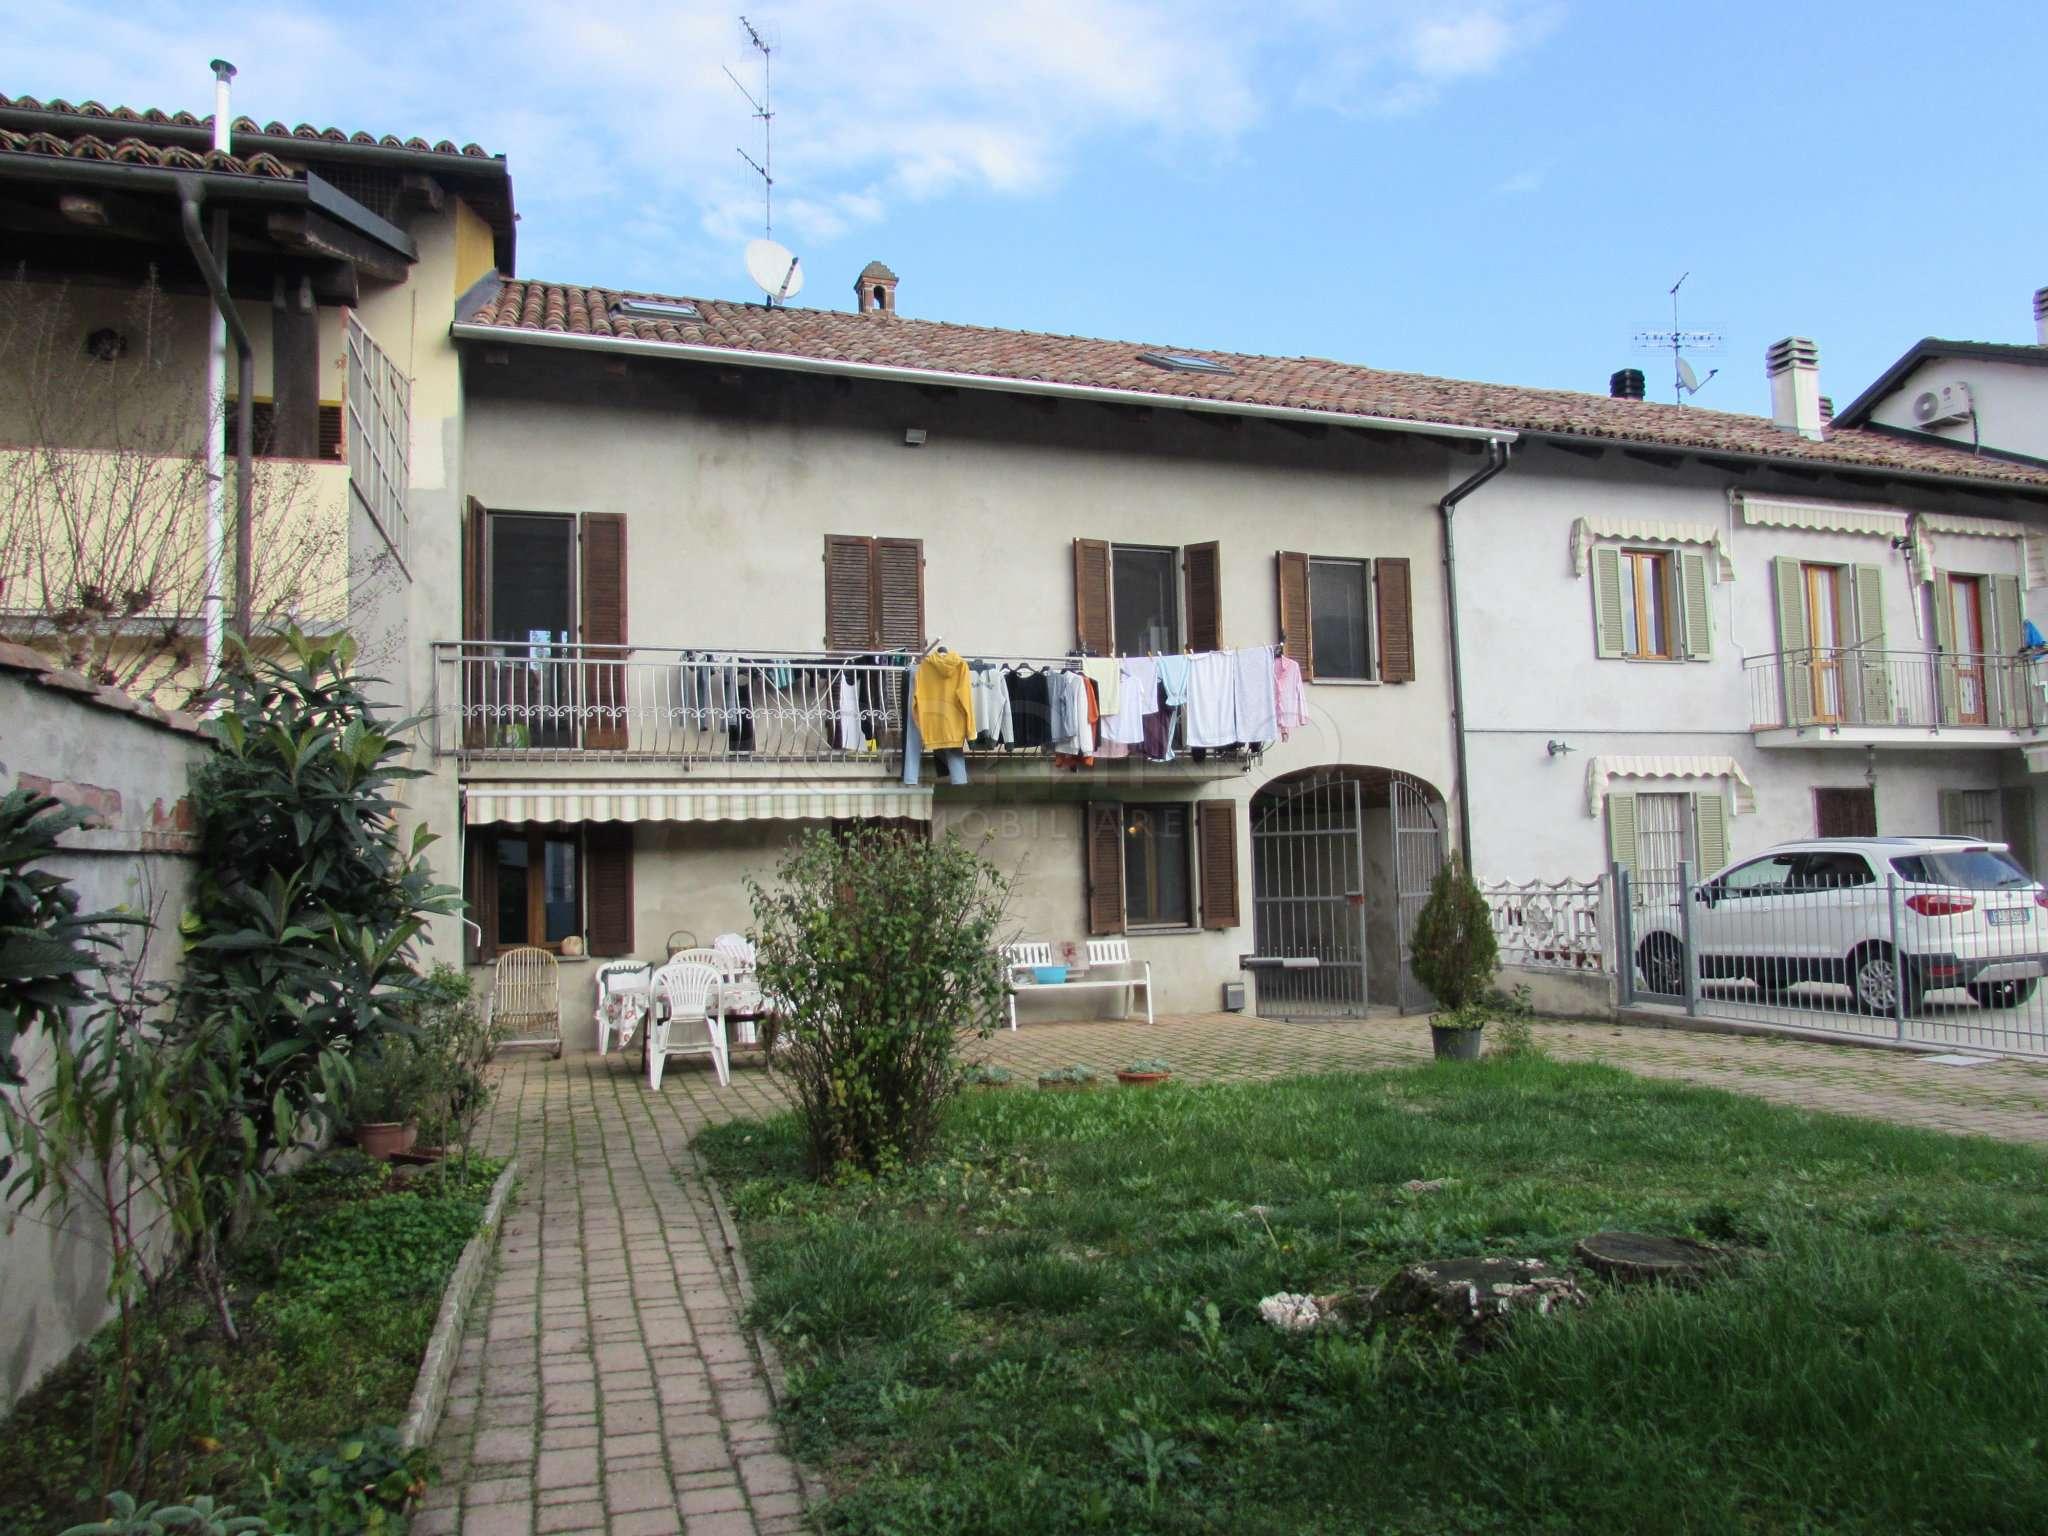 Soluzione Indipendente in vendita a Govone, 4 locali, prezzo € 130.000 | PortaleAgenzieImmobiliari.it